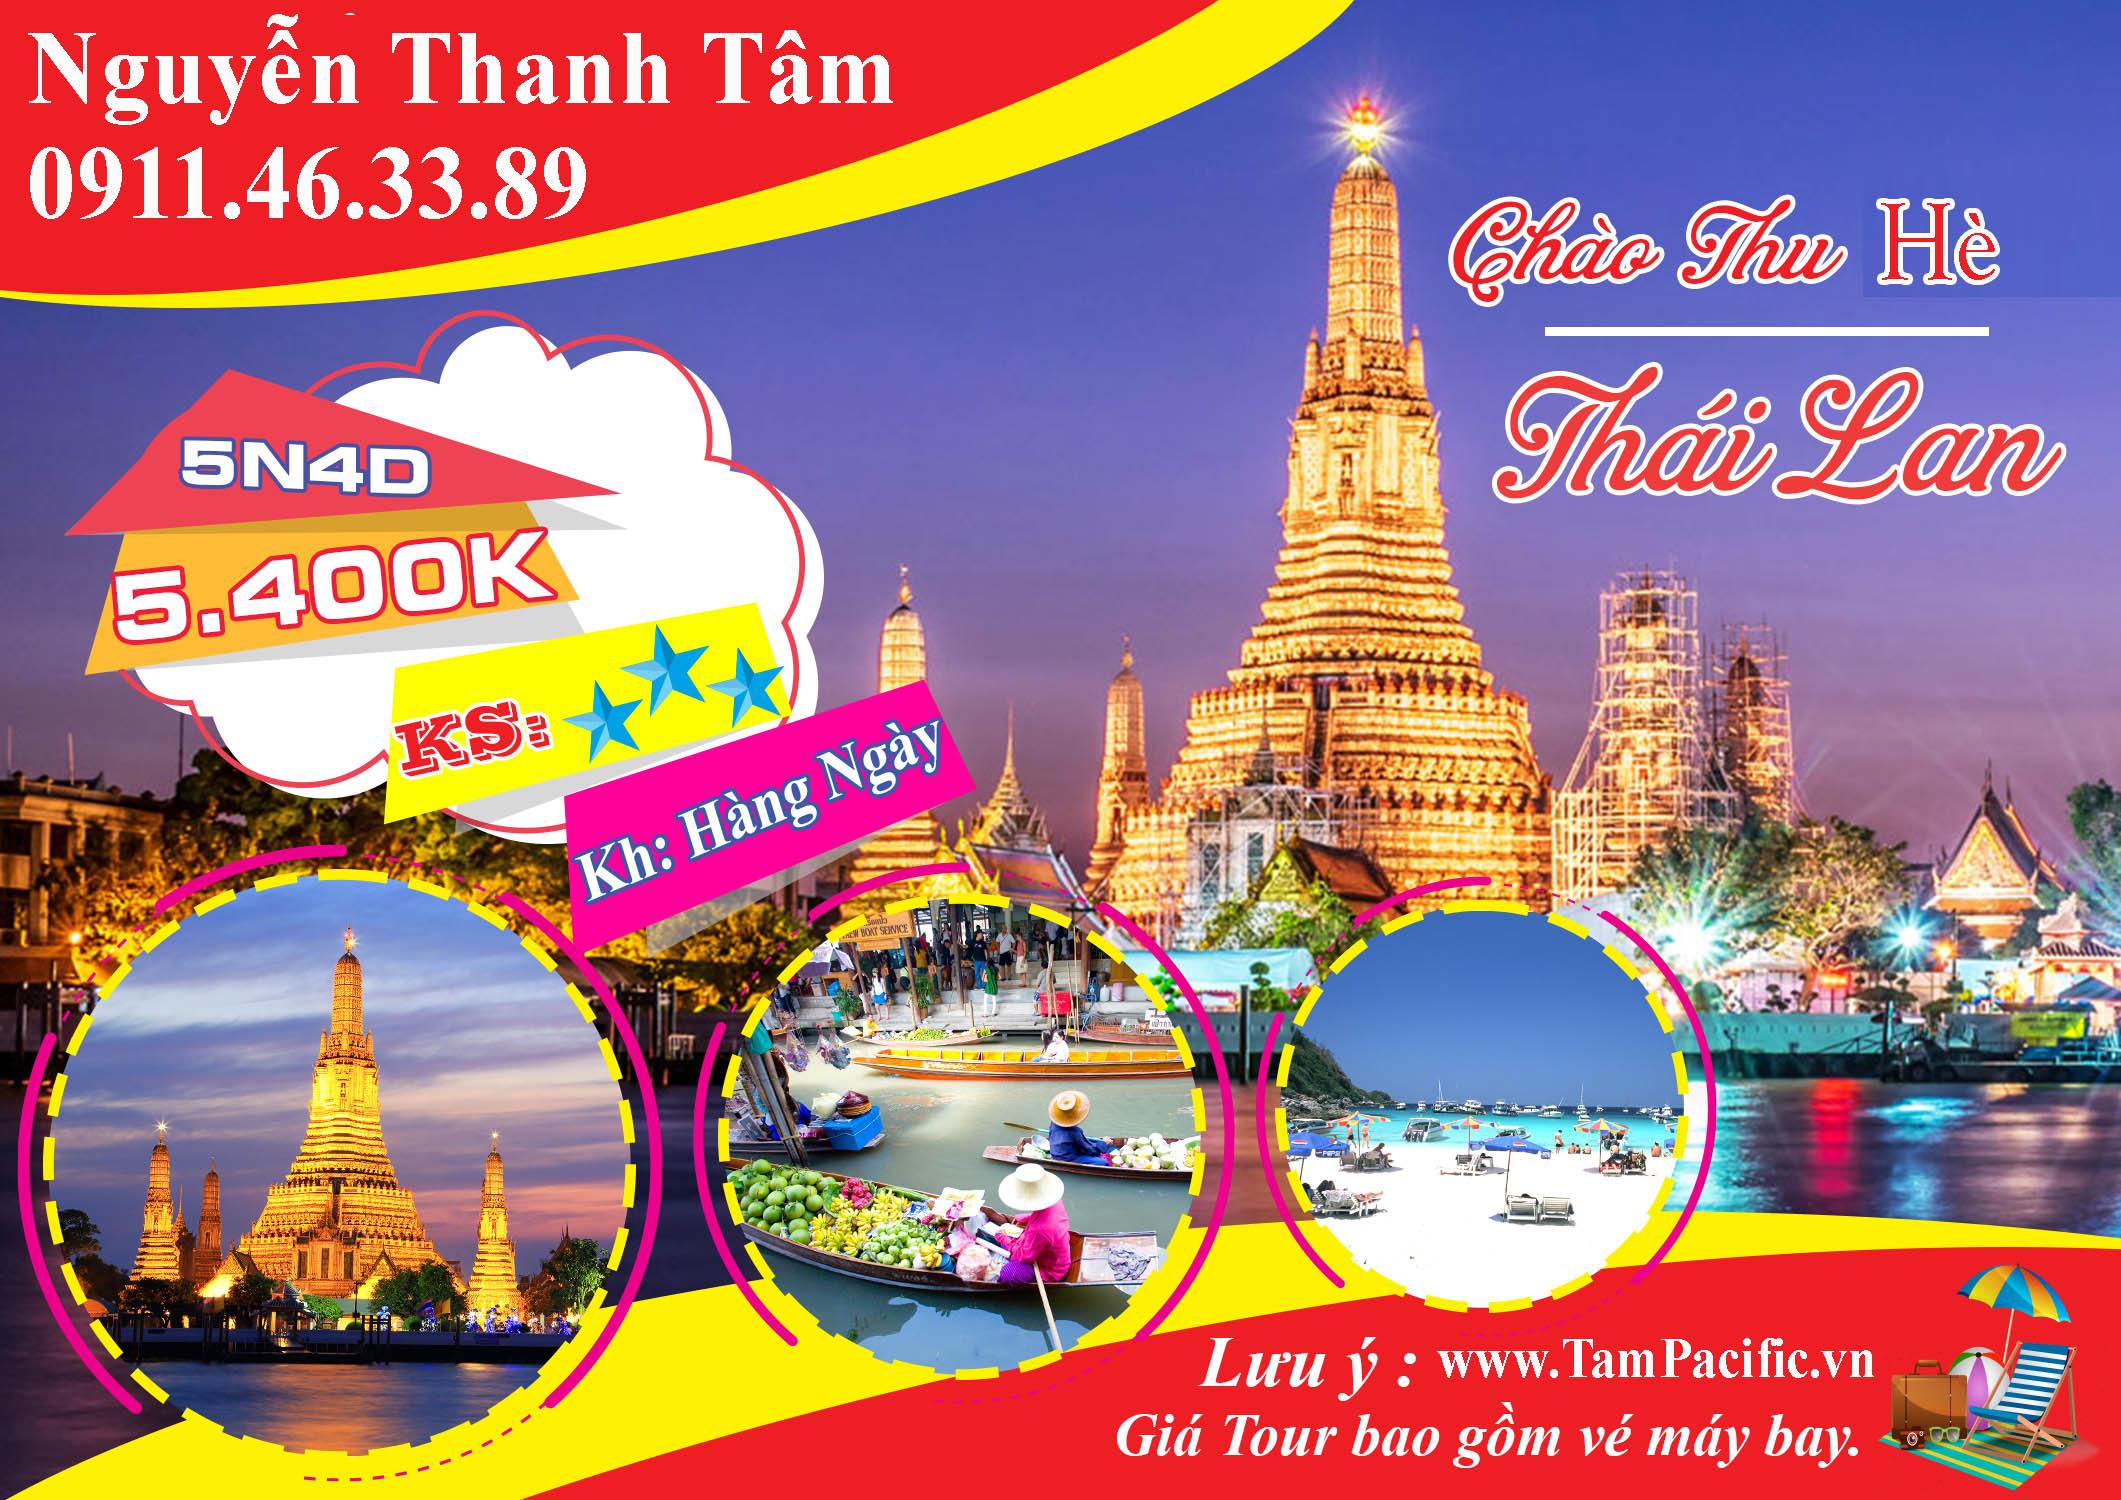 Du lịch Thái Lan mùa hè, phương án thích hợp cho gia đình nhỏ